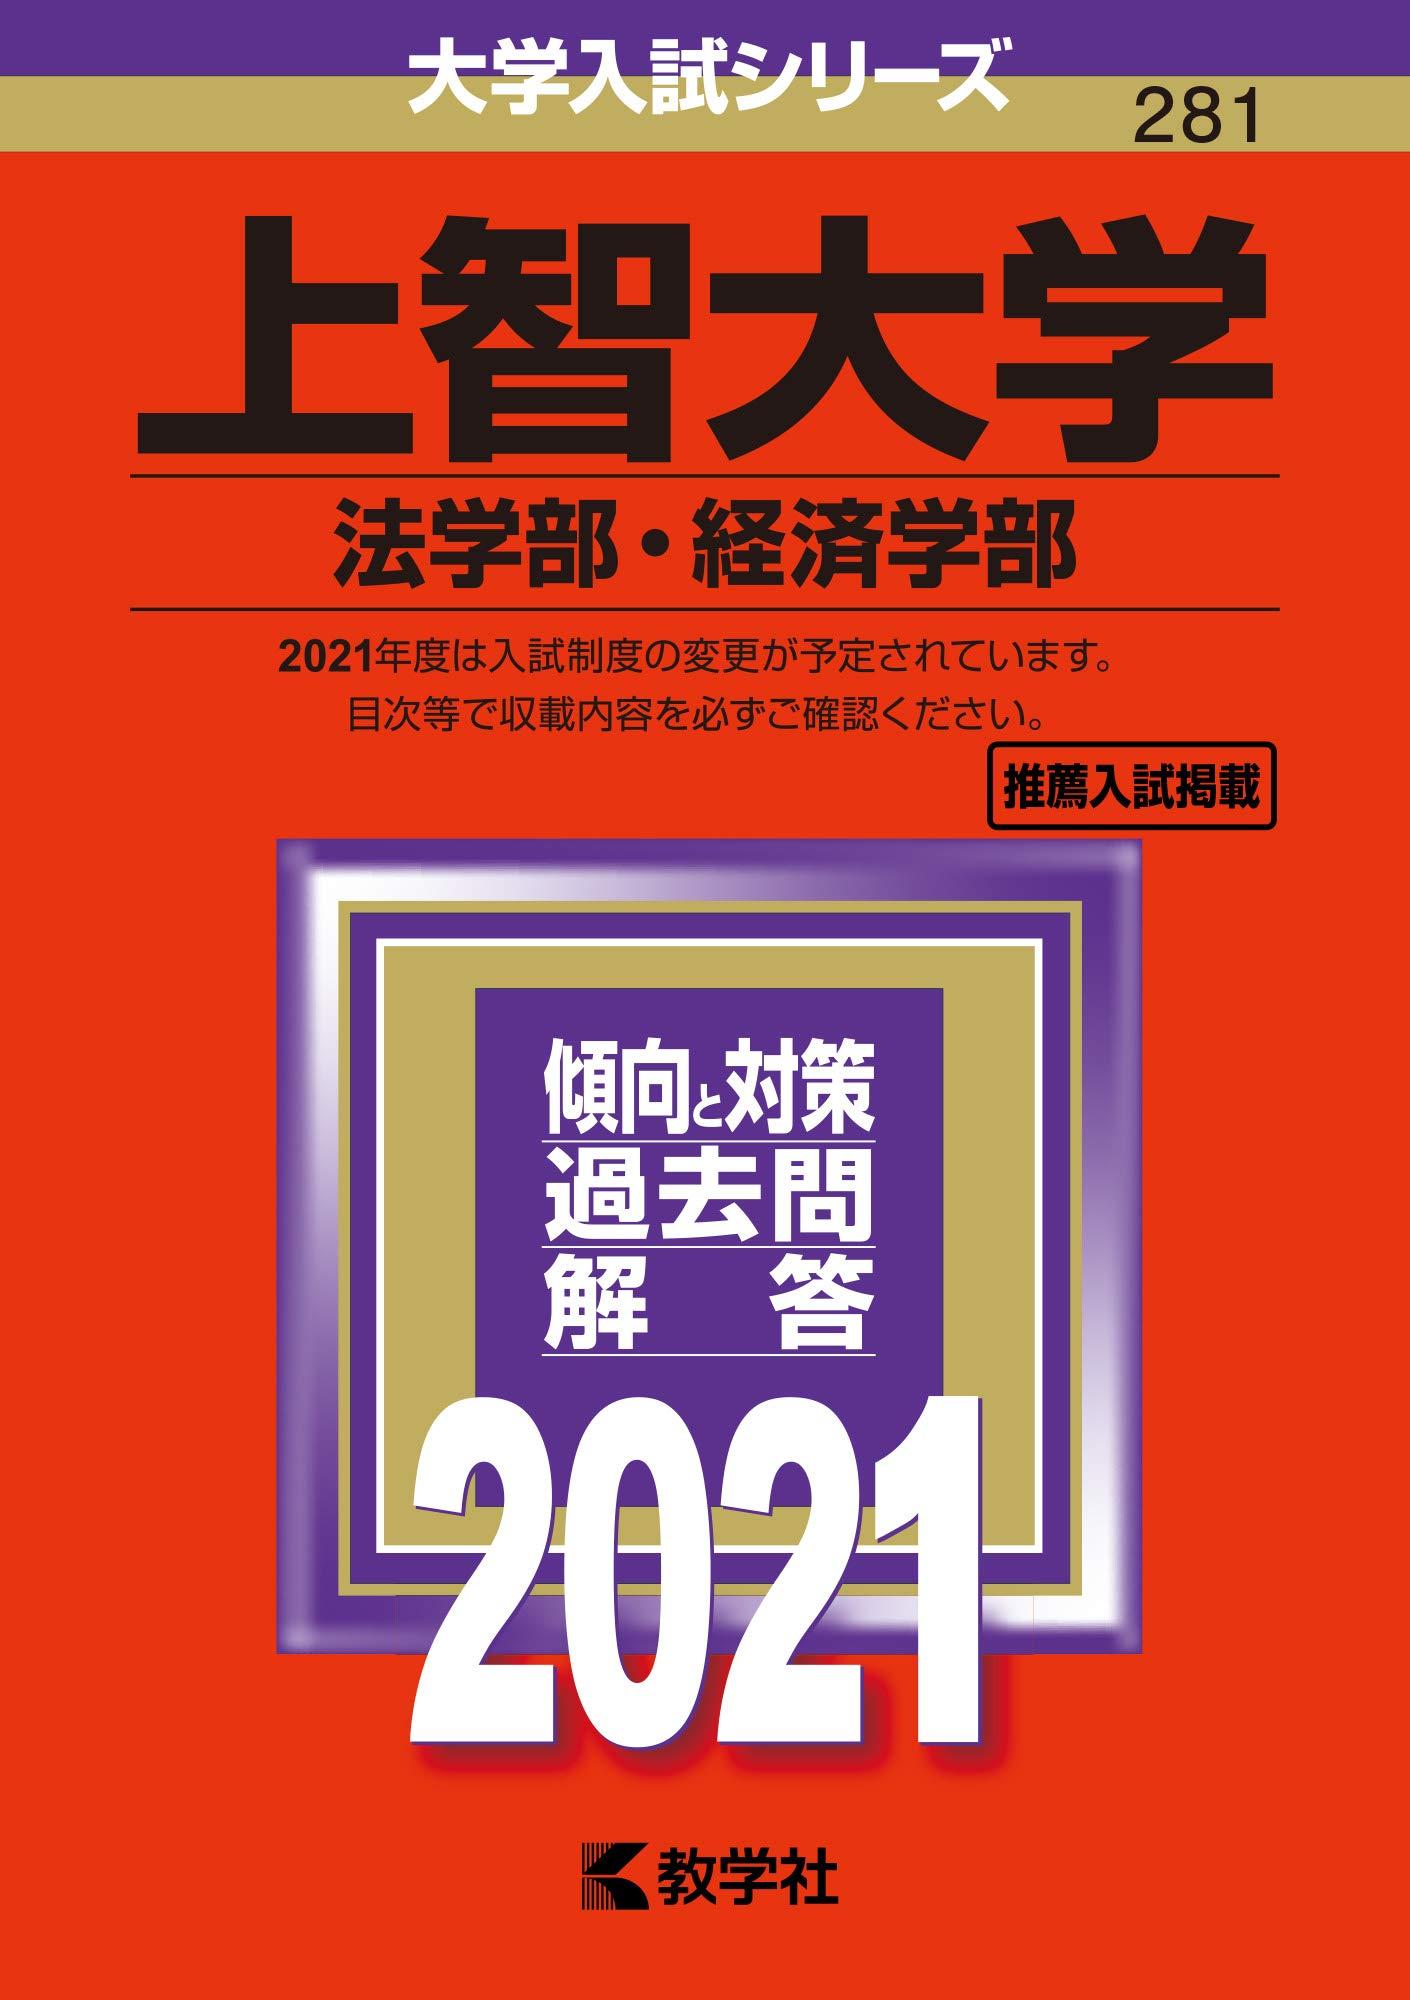 大学 2021 年度 入試 上智